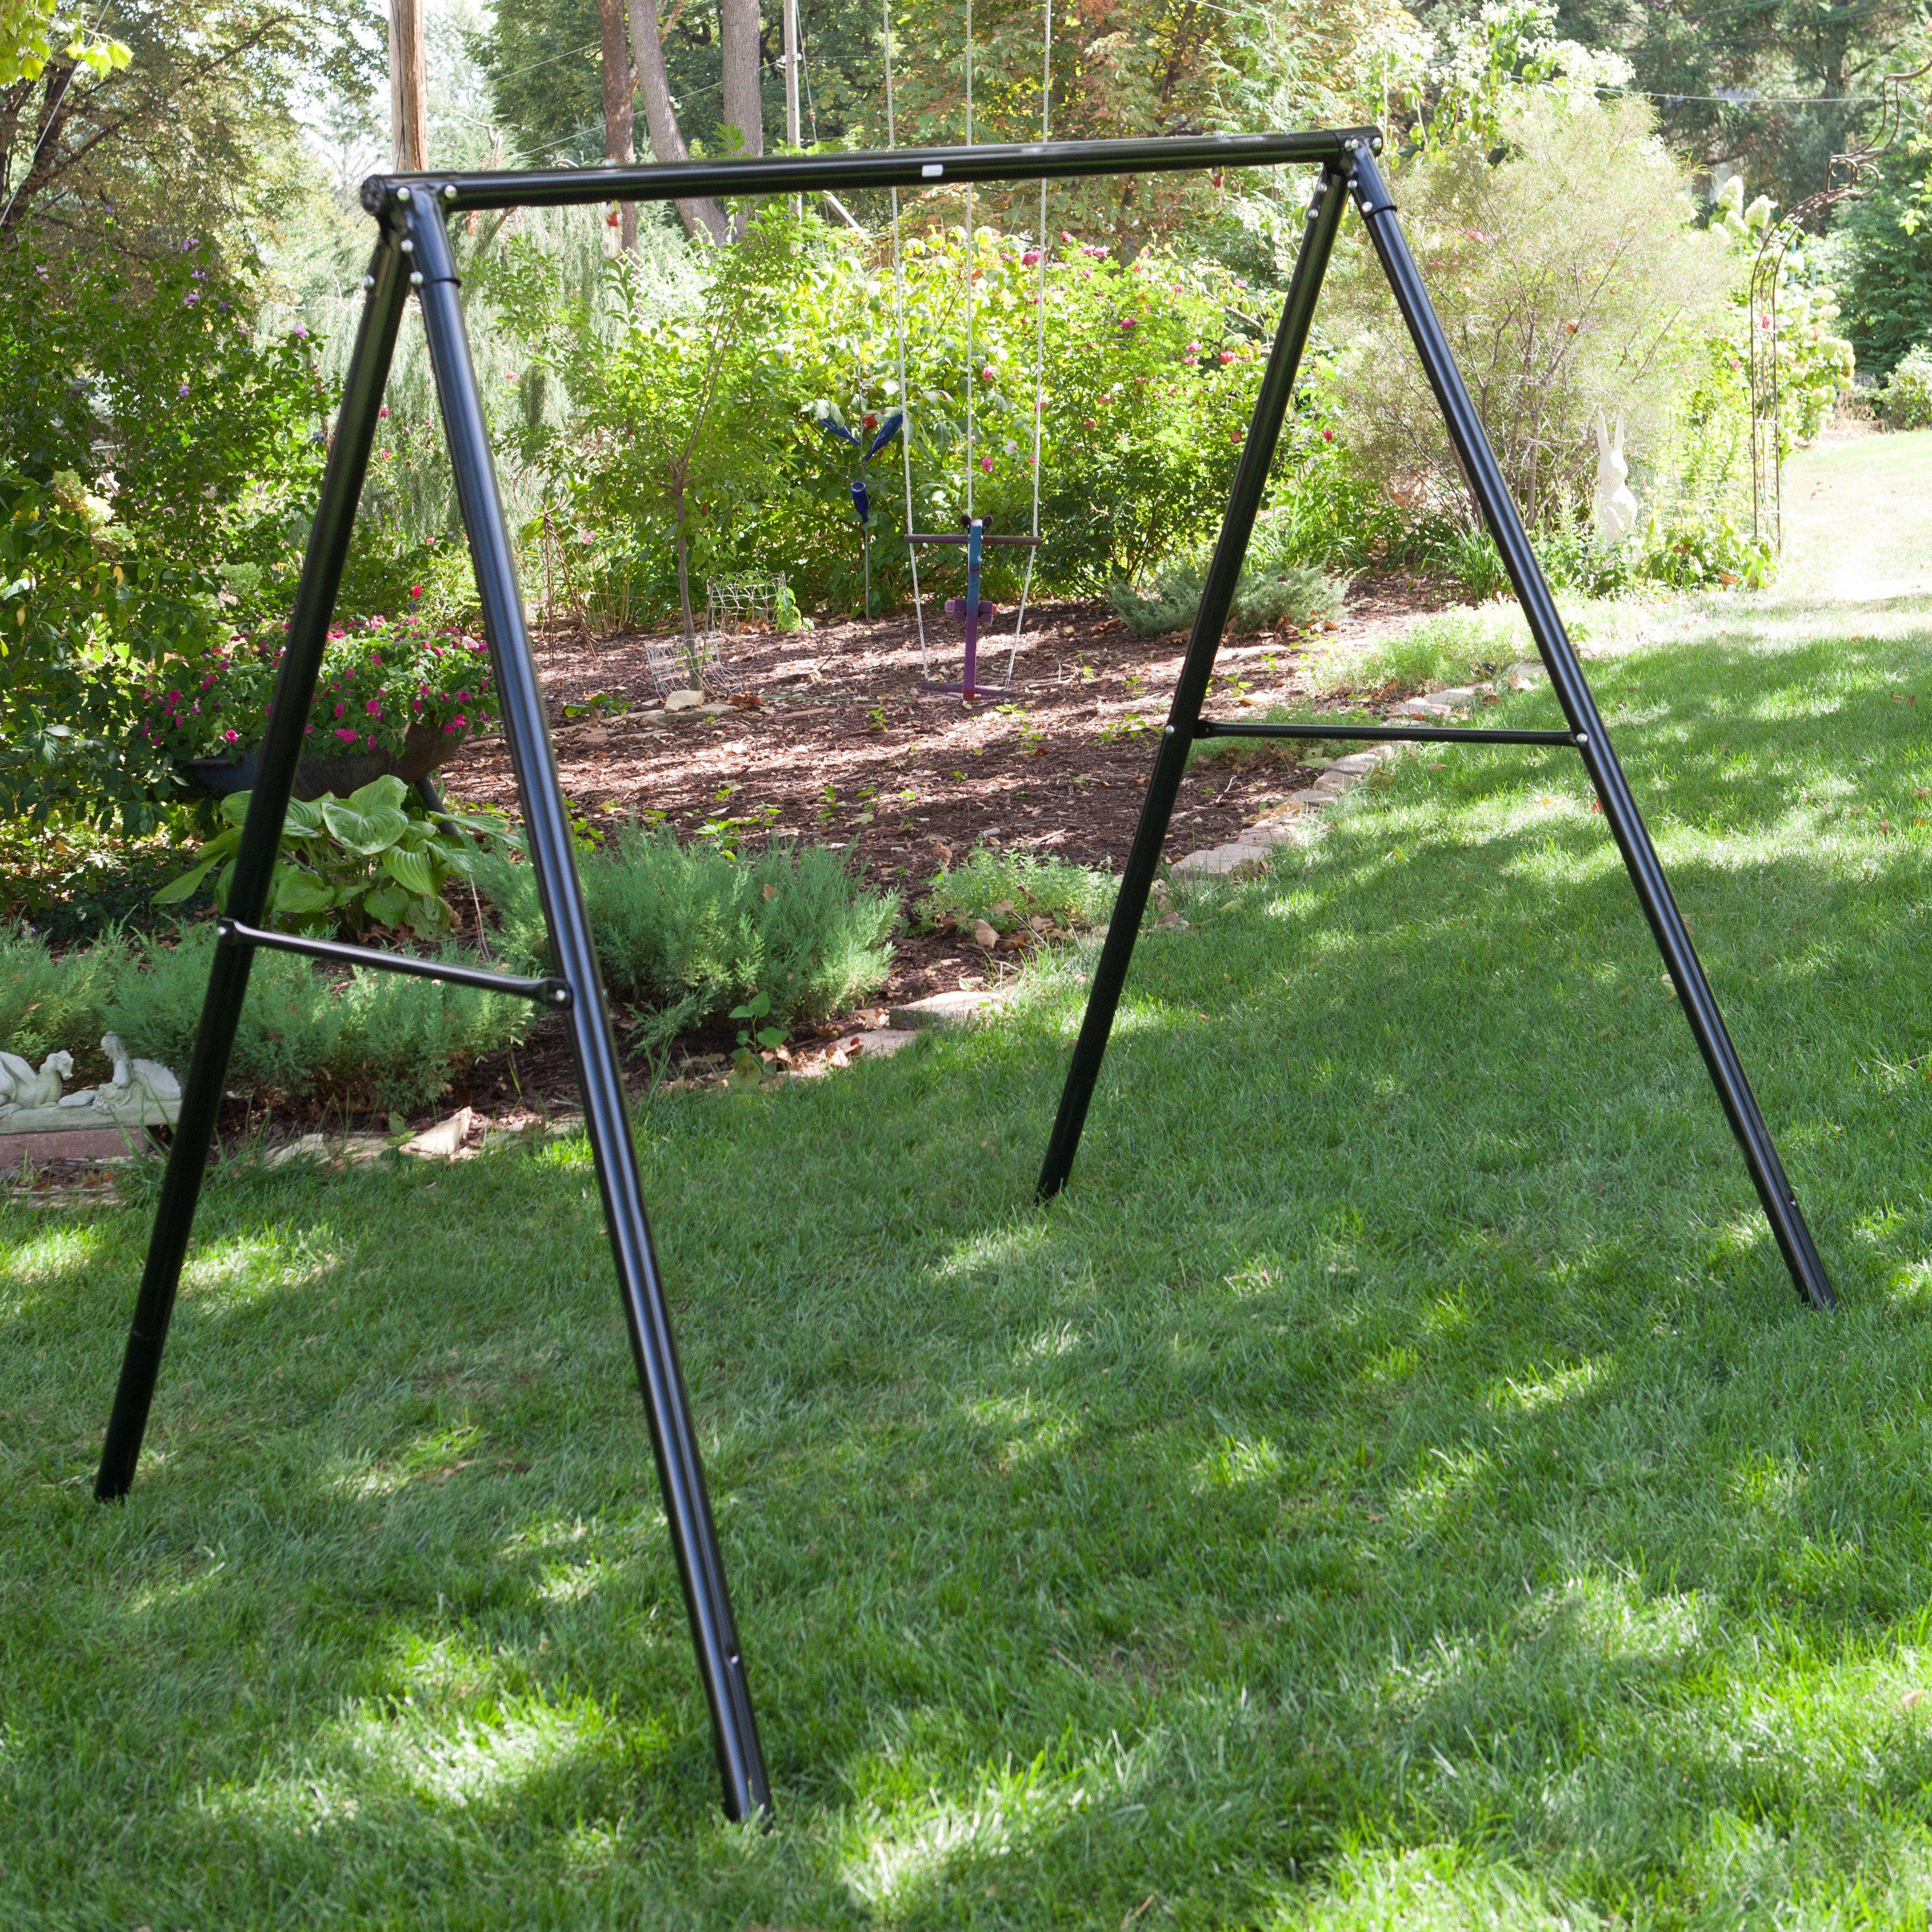 Buy Flexible Flyer Metal Lawn Swing Frame Durable 2 Inch Steel